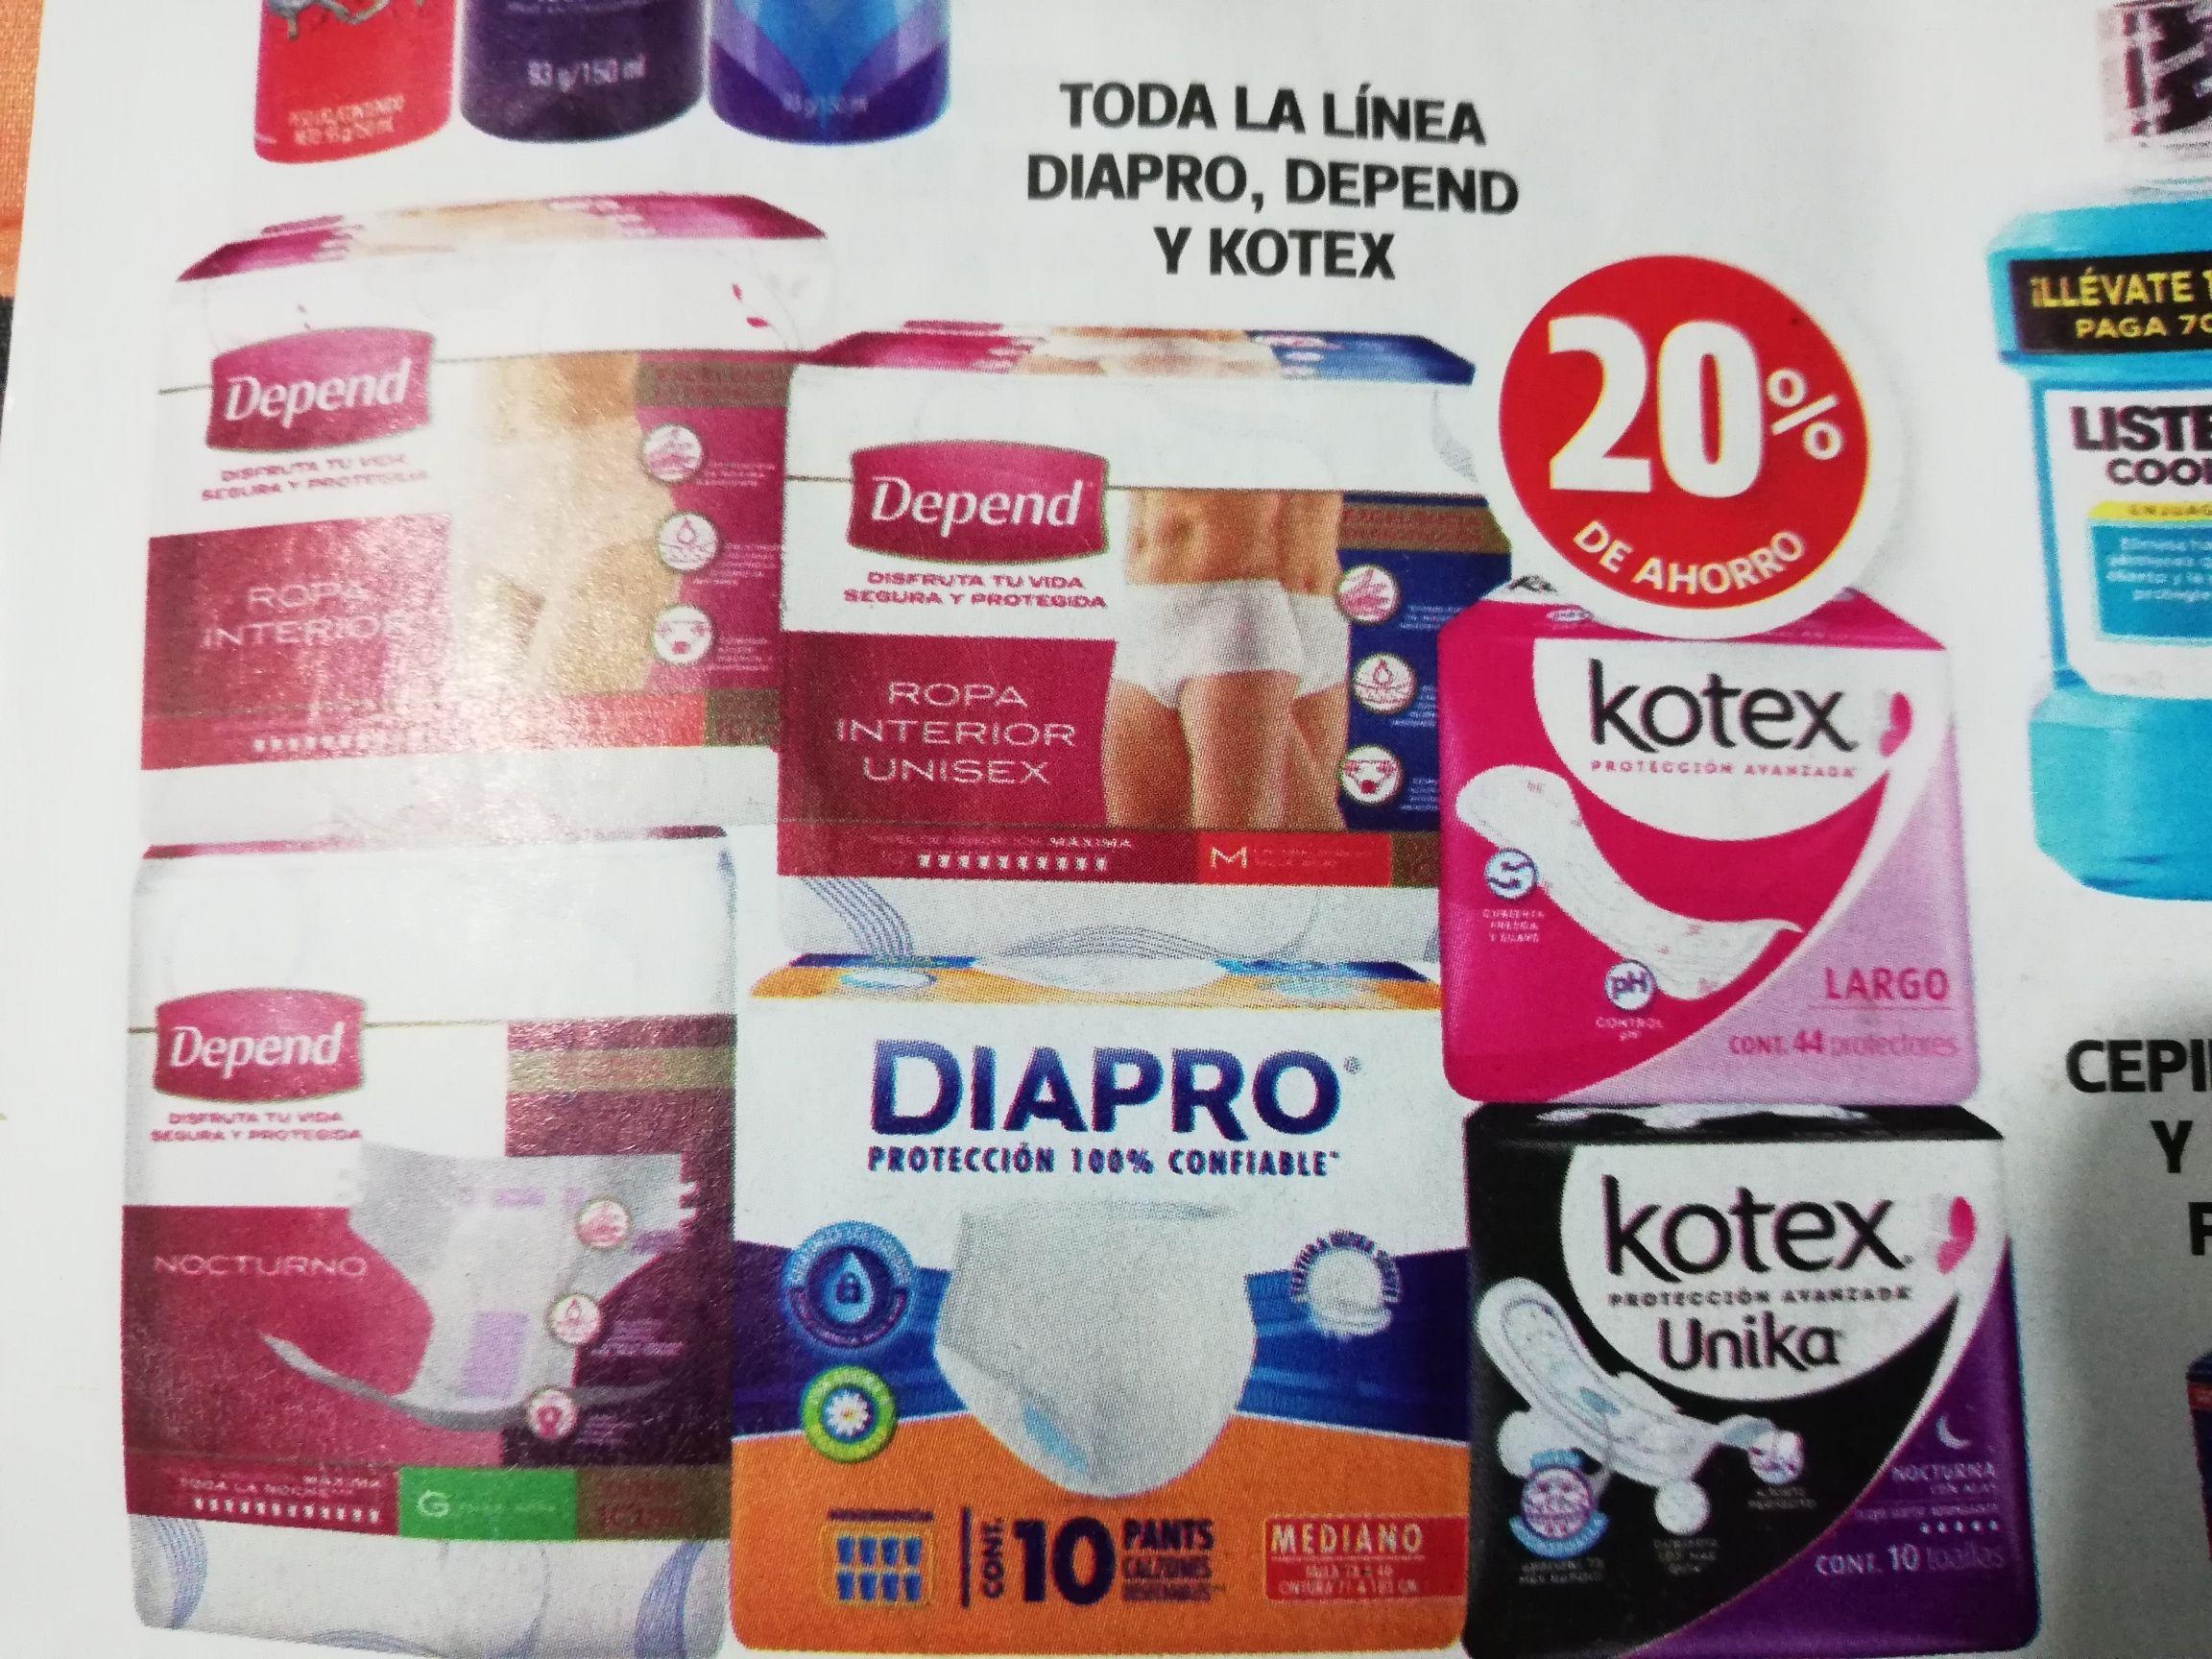 Farmacias Guadalajara: 20% de descuento en pañales Diapro, Depend y Kotex